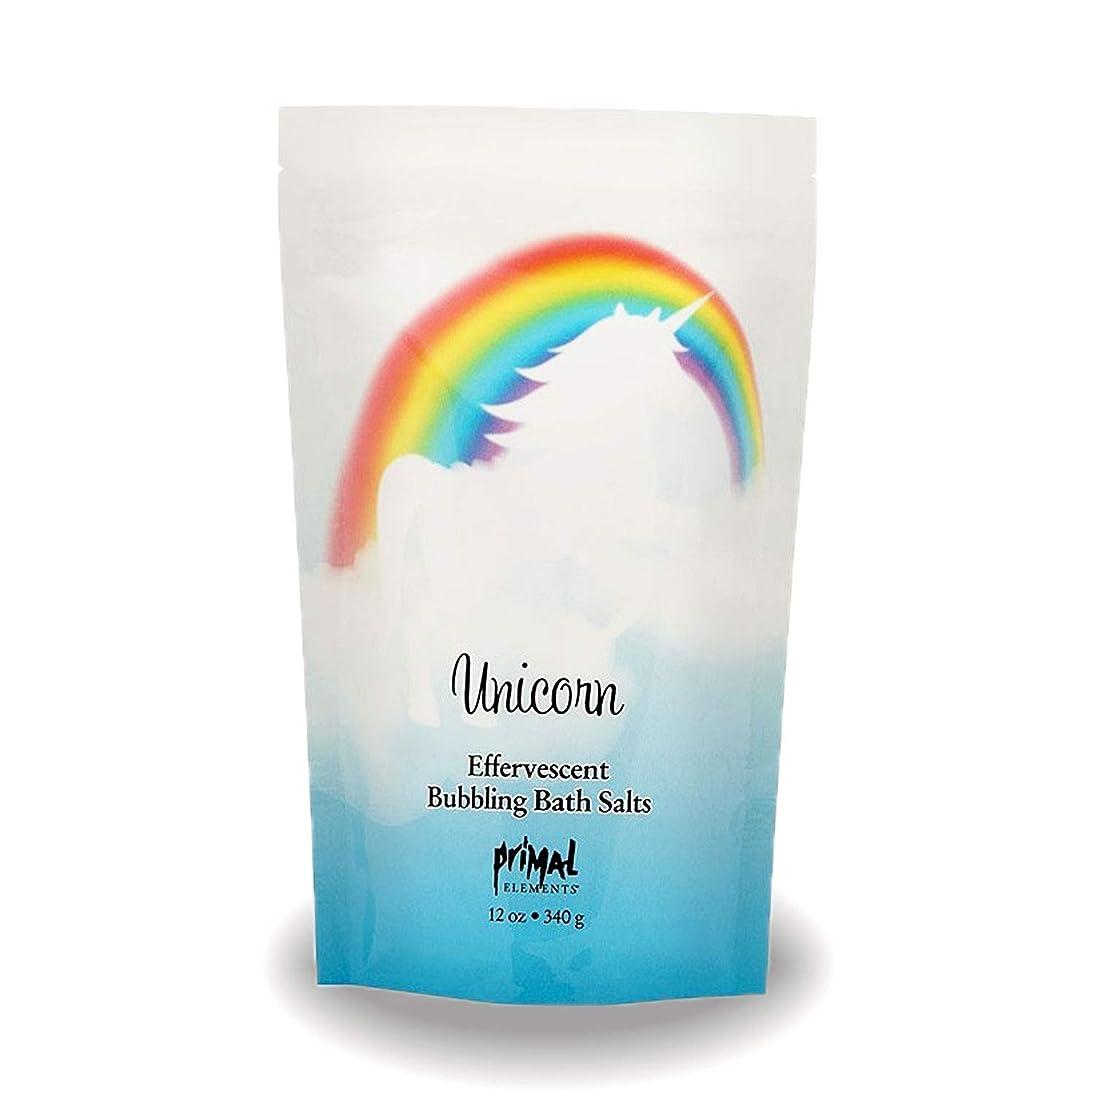 広がりメロンホームプライモールエレメンツ バブリング バスソルト/ユニコーン 340g エプソムソルト含有 アロマの香りがひろがる泡立つ入浴剤